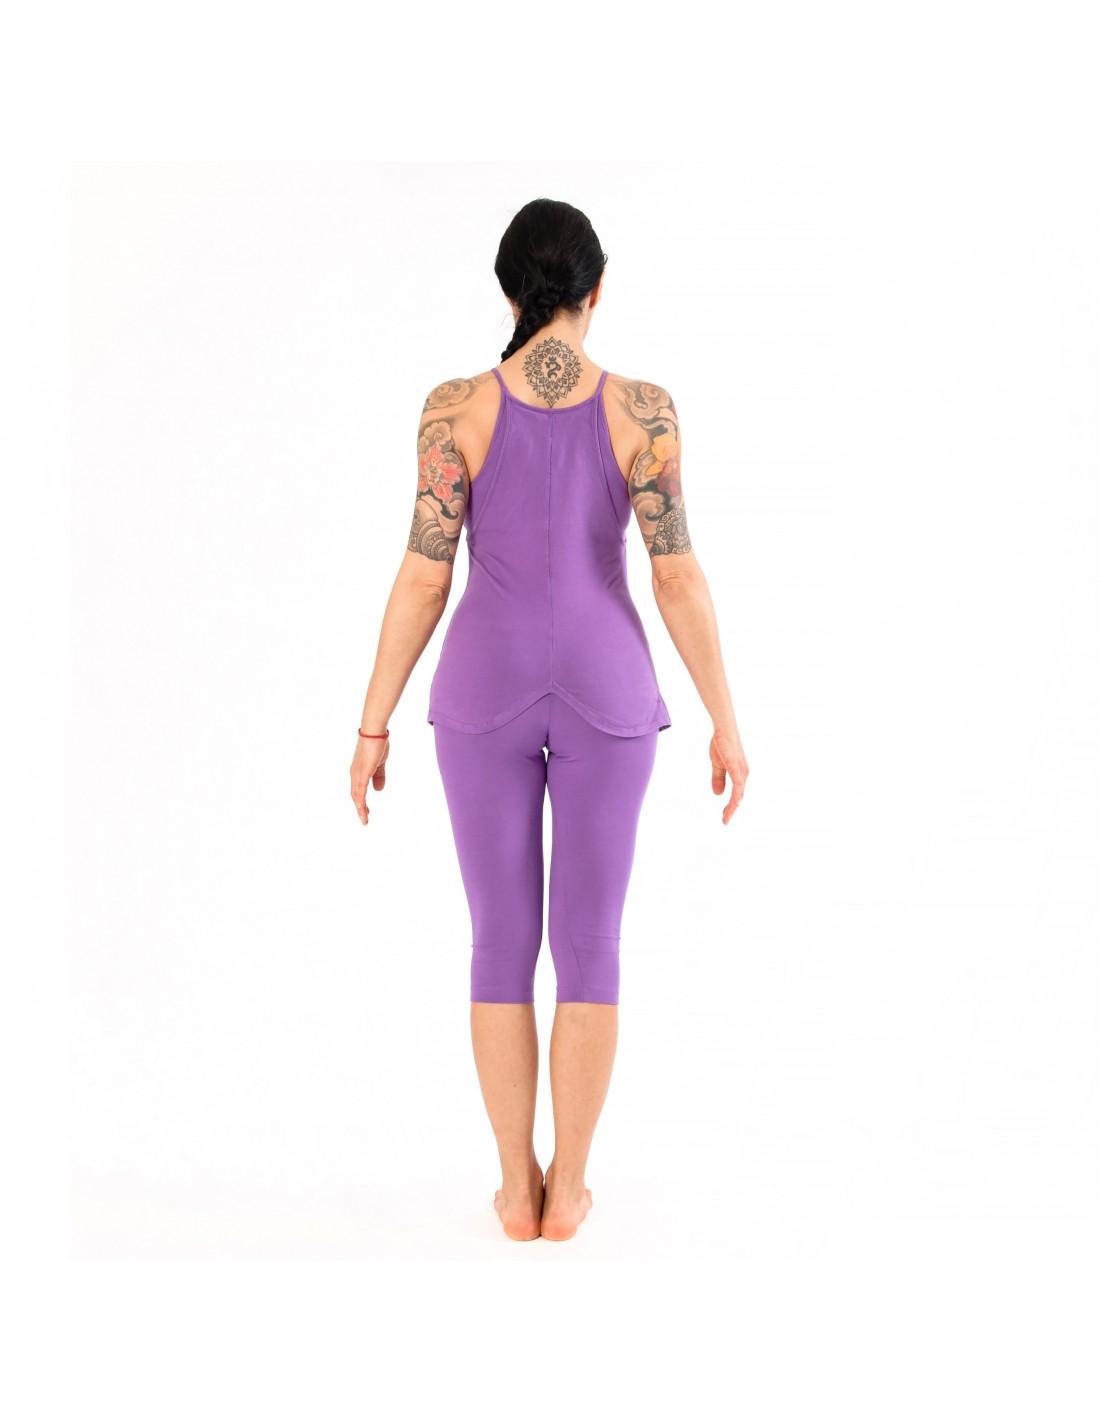 Violet Short Yoga Leggings Sahasrara Yogaessential